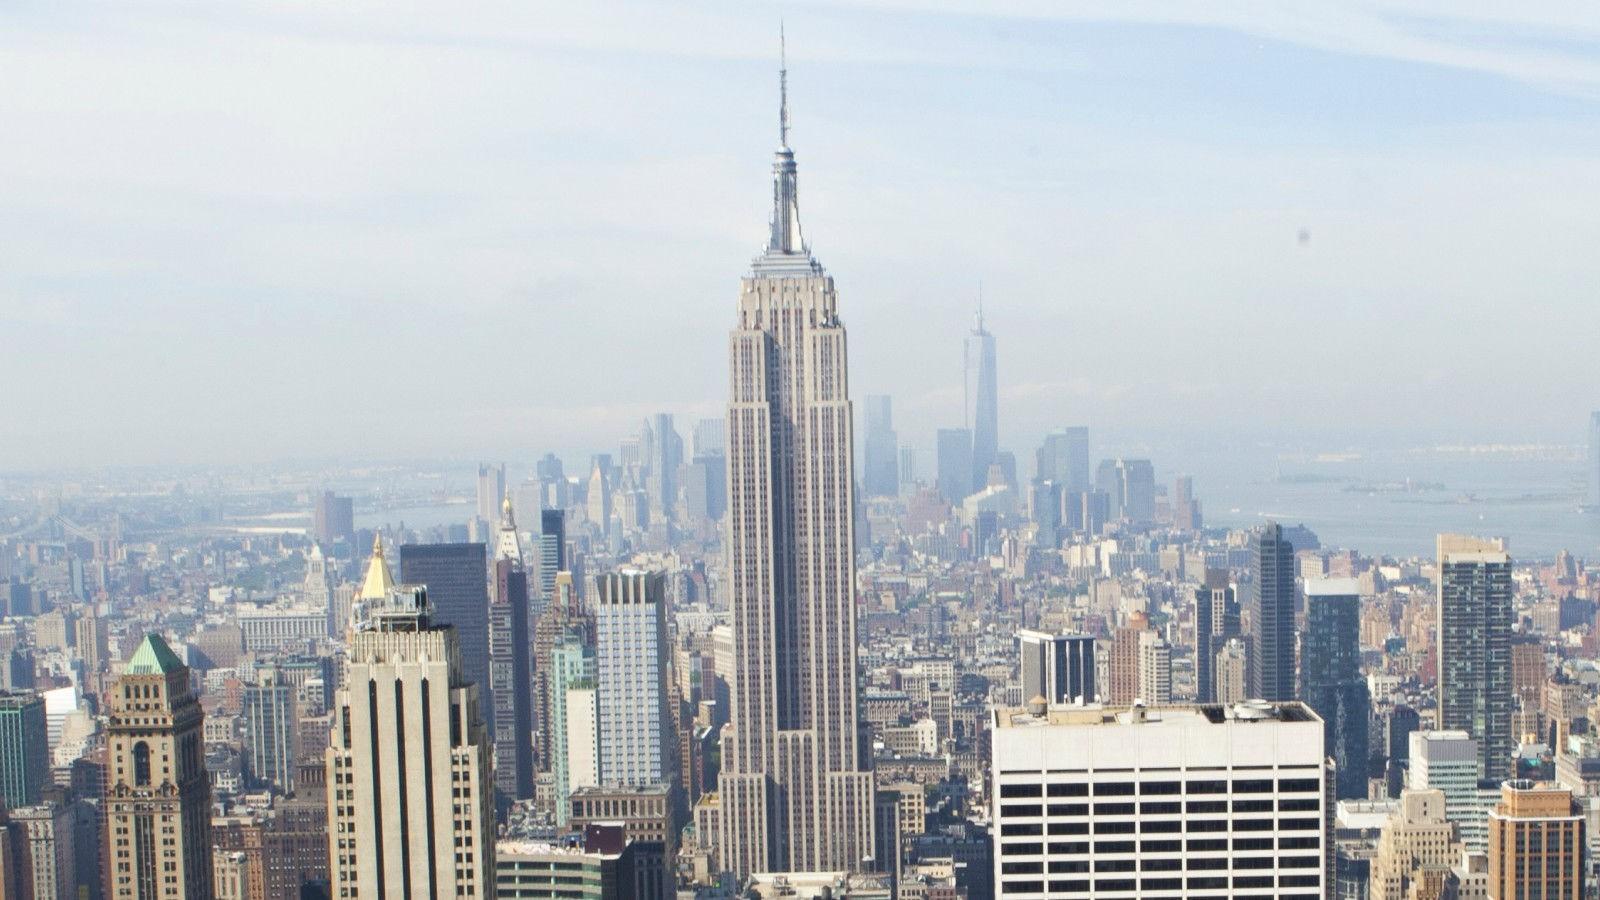 10 choses à savoir sur l'Empire State Building